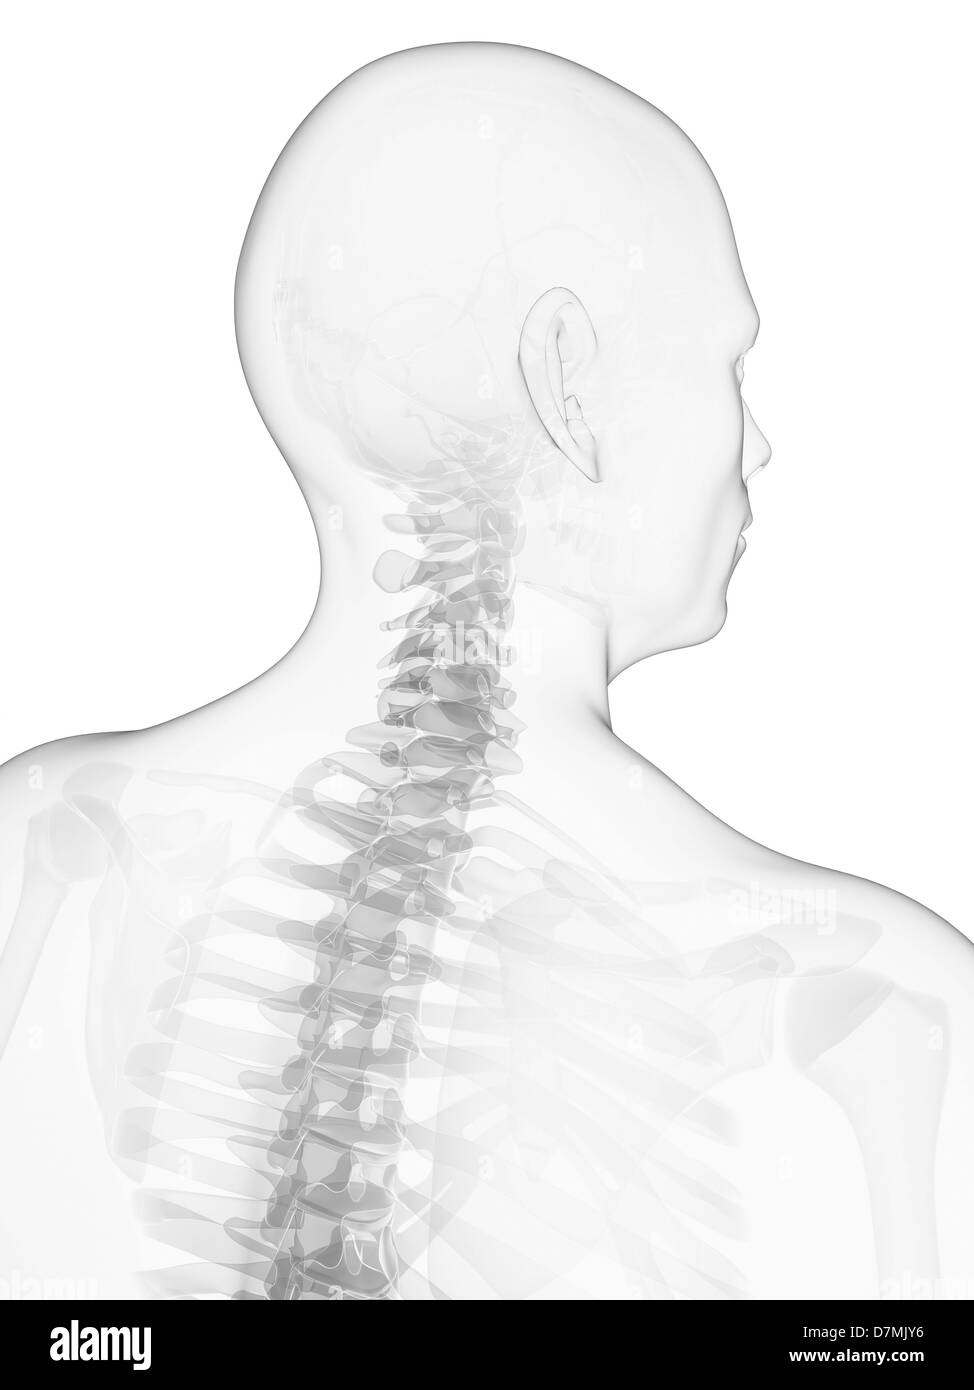 Normal neck bones stock photos normal neck bones stock images alamy neck bones artwork stock image ccuart Choice Image